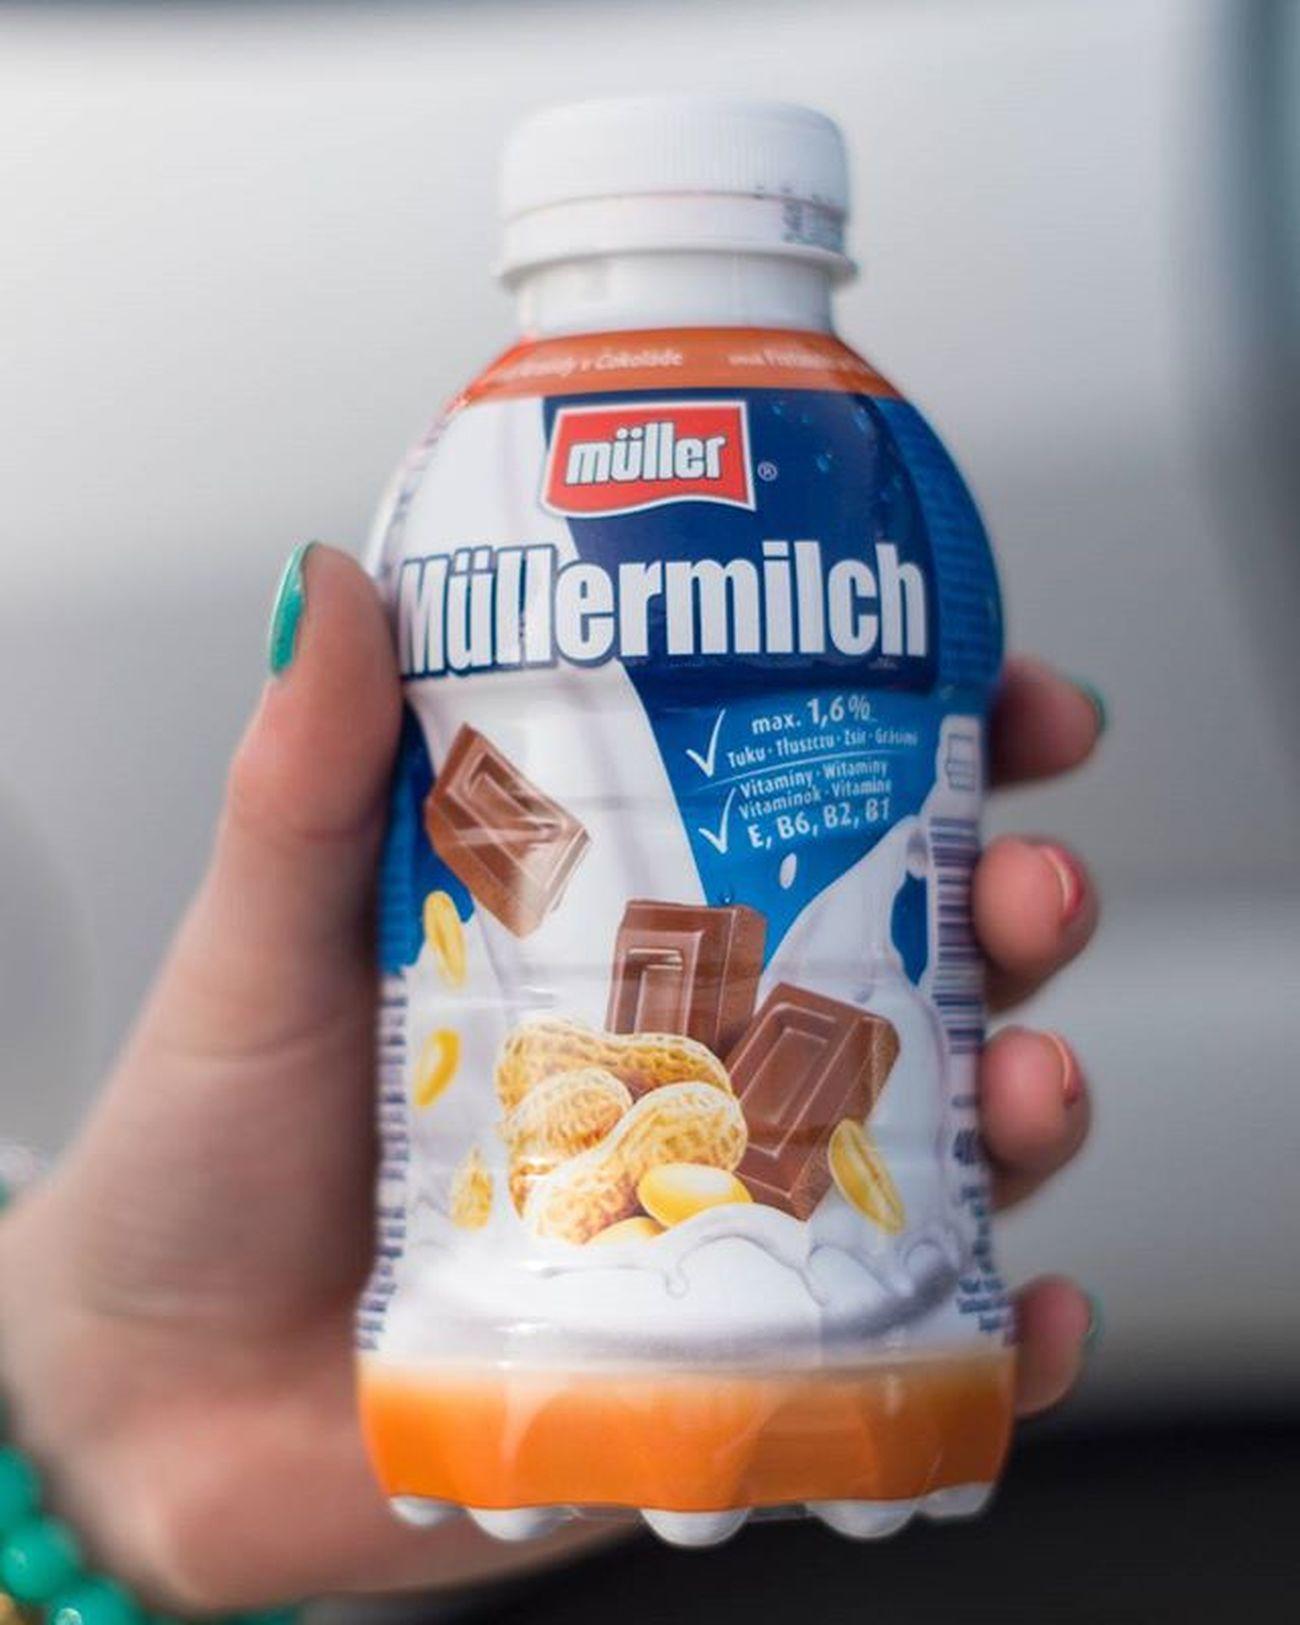 Najpierw był Wałbrzych i Auchan(ogólnie plany były inne no, ale wyszło tak) a tutaj jeden z zakupów 😀Pierwszy raz piłam i się zakochałam super jest😊😀Czasem można😛 Drink Drank Drunk Instadrink Shake Müllermilch Milch Mleko Czekolada  Chocolate Orzechy Ziemne Peanuts Delicious Yummy Beautiful Time Weather Trip Travel Auchan Zakupy Shopping Walbrzych Poland polishgirlweekendniedzielasaturdaylikeforlike